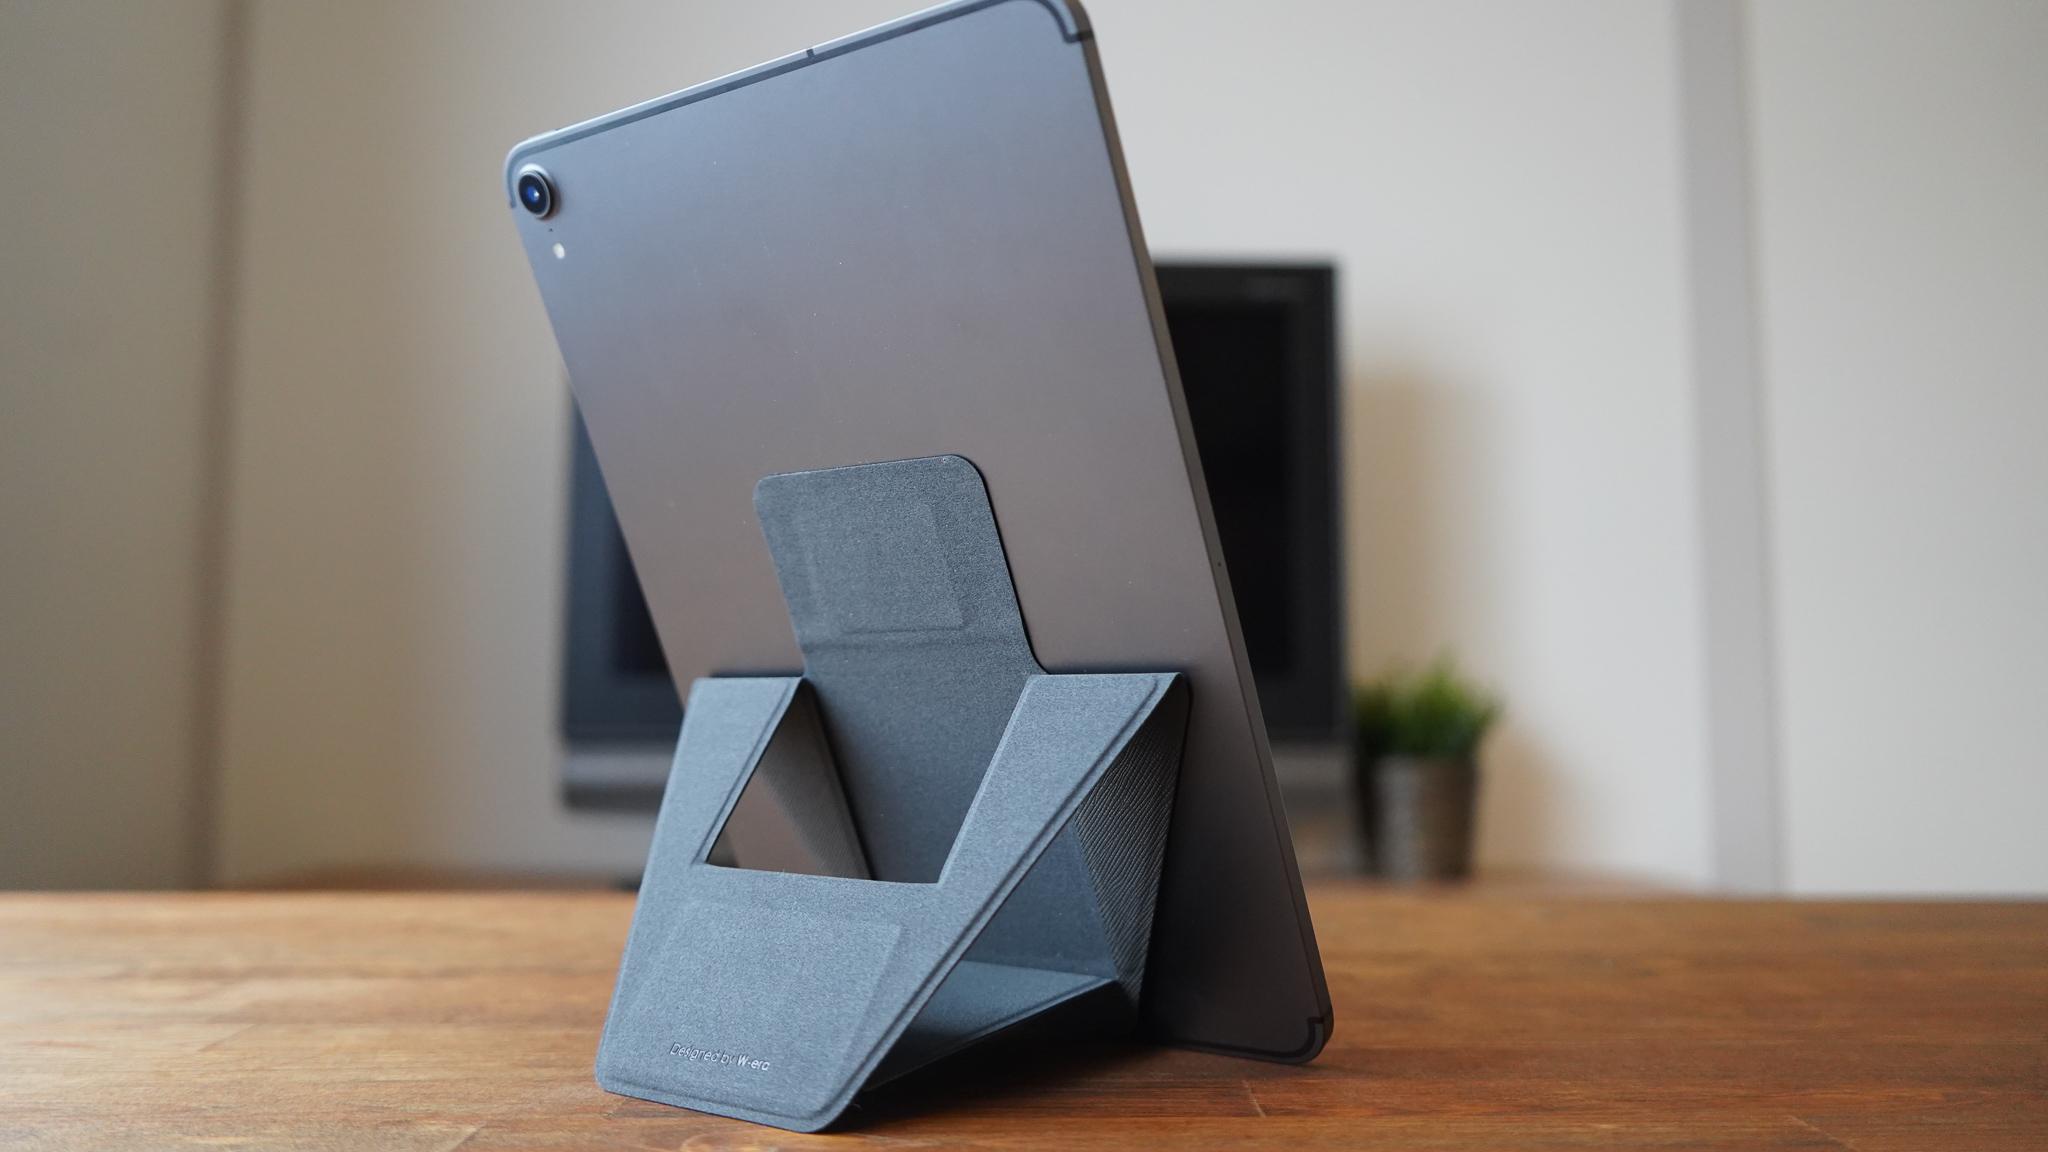 【読者限定クーポン付】薄さ3.3mmで軽量快適! 磁石で倒れにくい折りたたみタブレットスタンド「FoldStand Tablet」